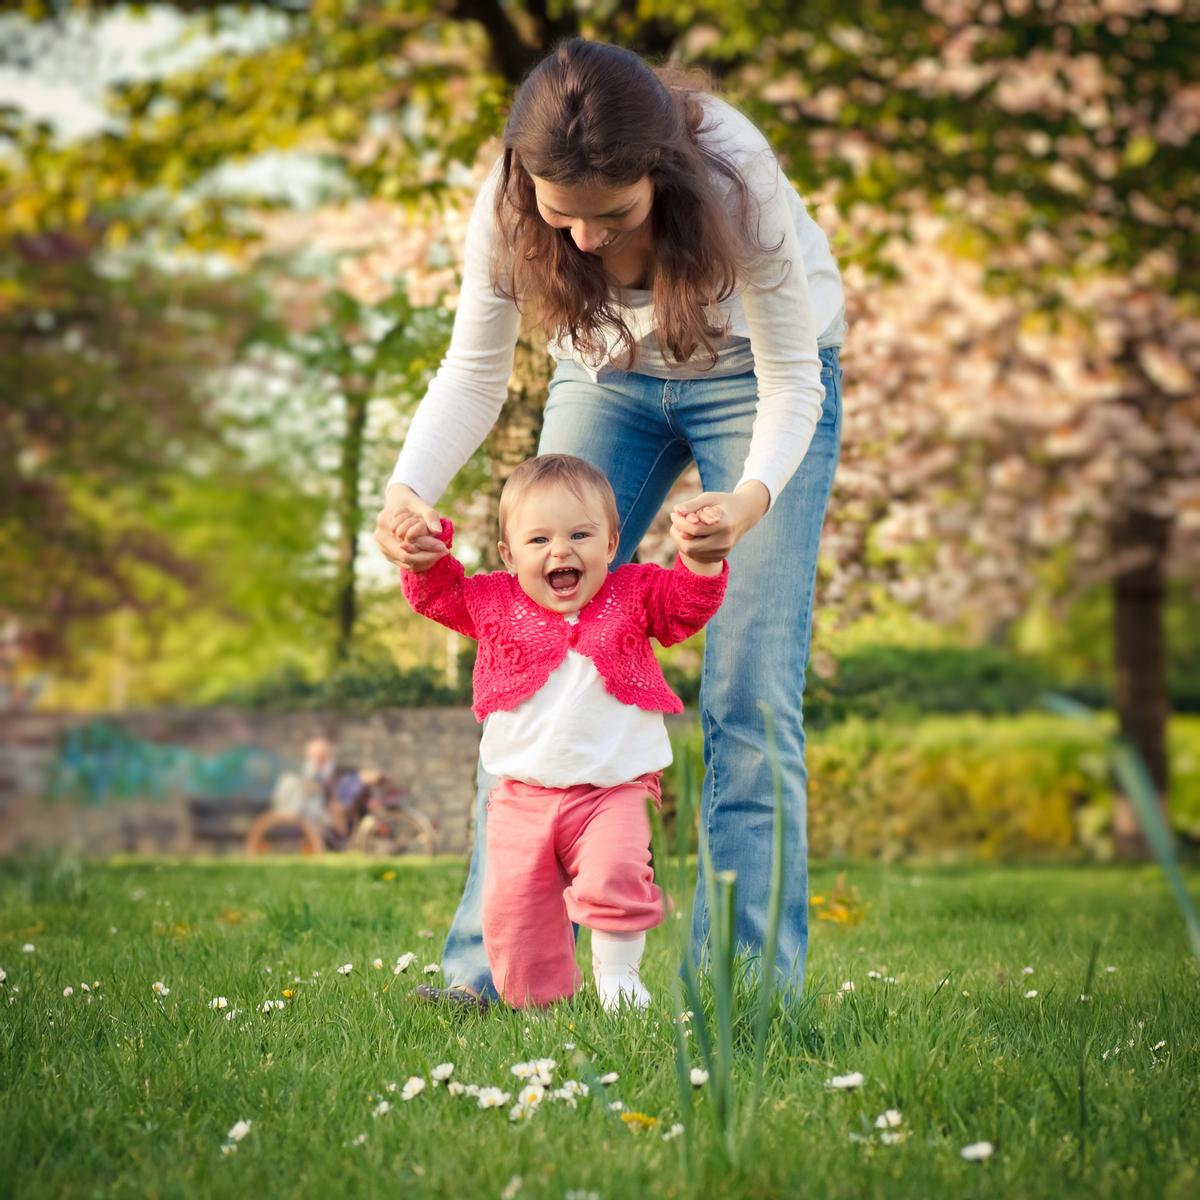 Очень сильная статья опытного психолога о судьбах детей, родители которых жили исключительно ради них